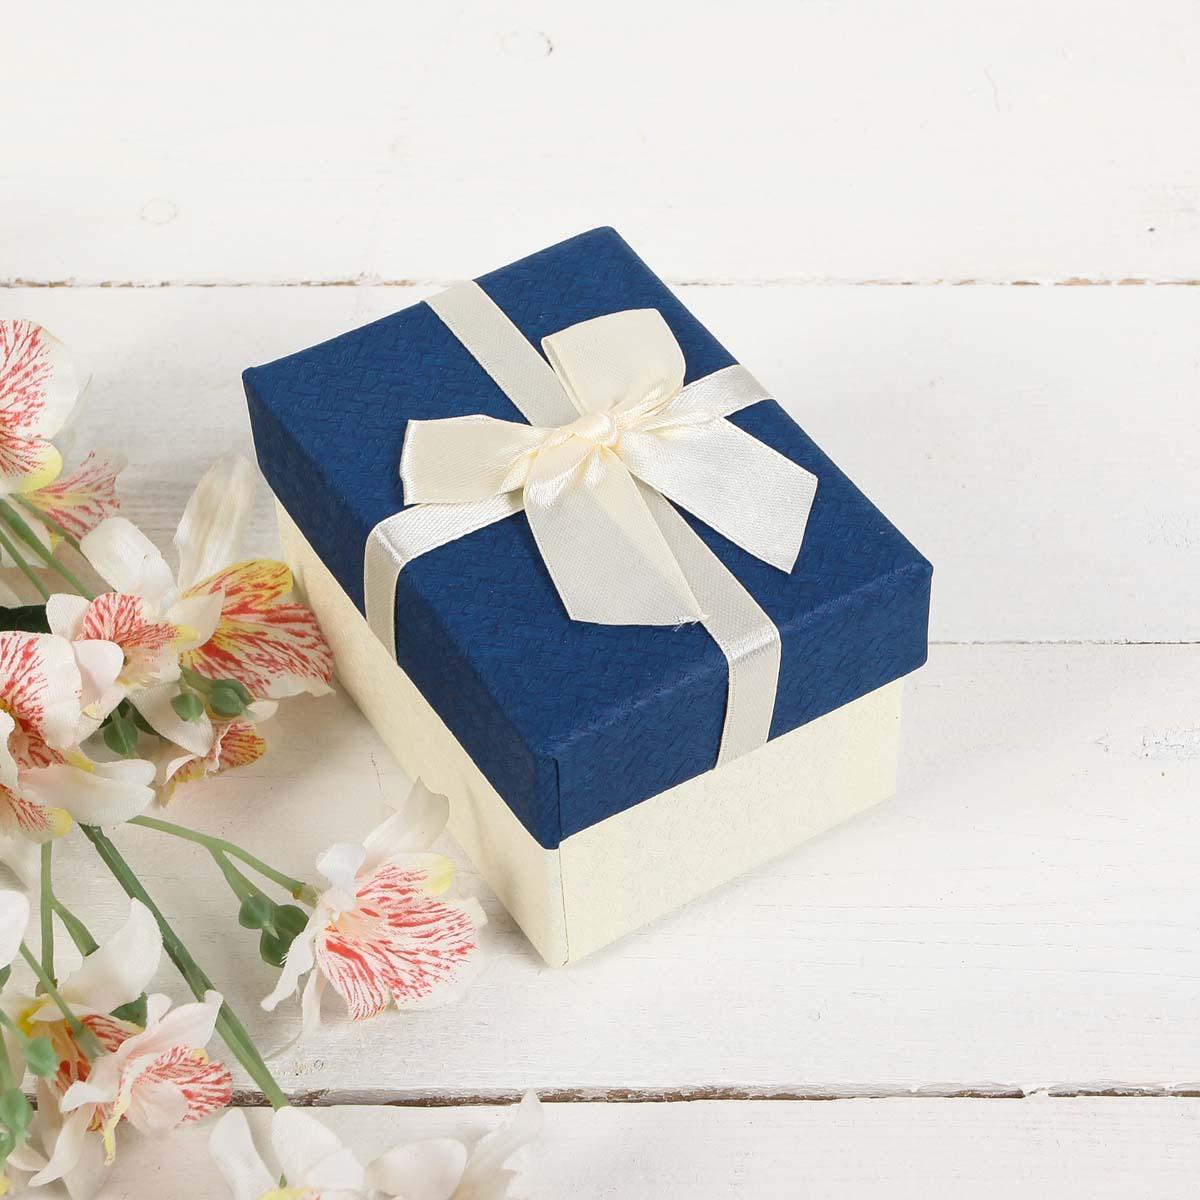 2851017 Коробка подарочная 10*7,5*6 см